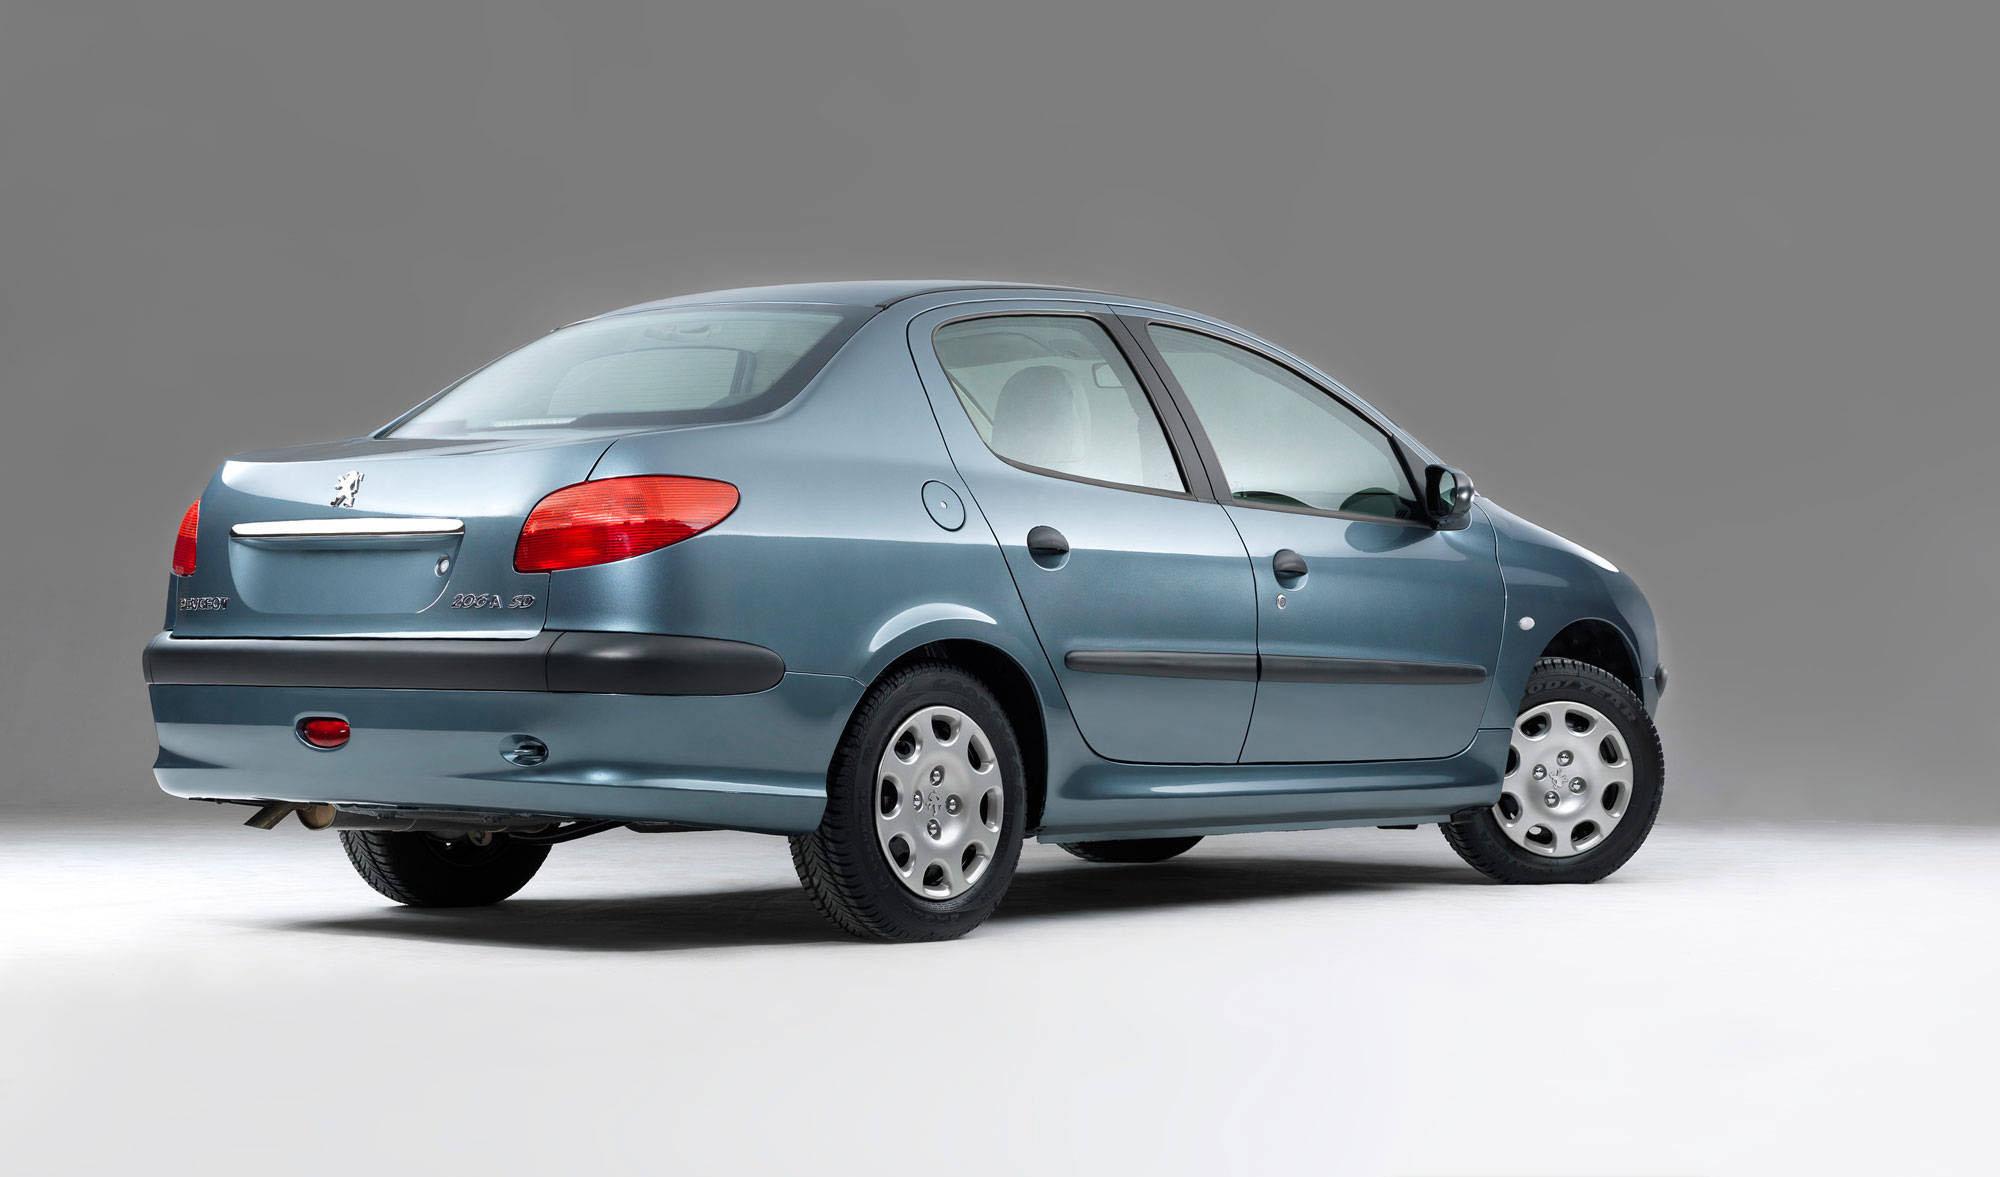 شرایط فروش اقساطی سه محصول ایران خودرو ویژه چهارشنبه ۳۰ مرداد